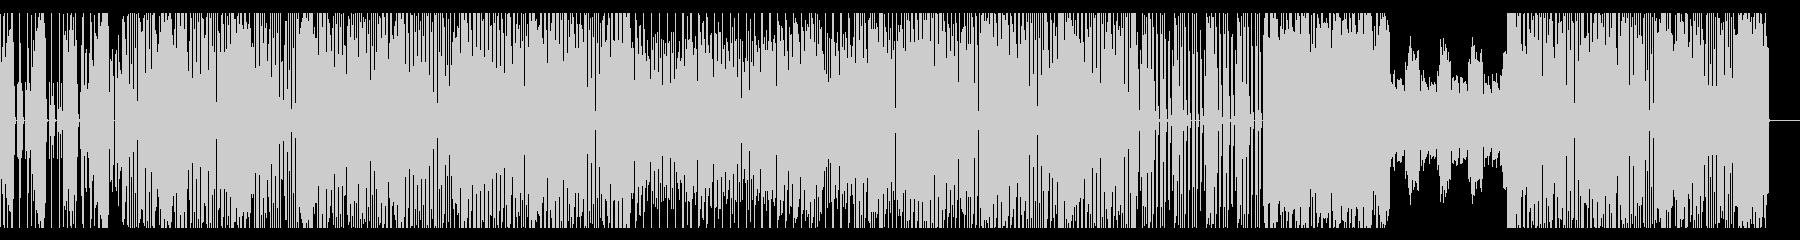 ファンキーなテクノBGMの未再生の波形